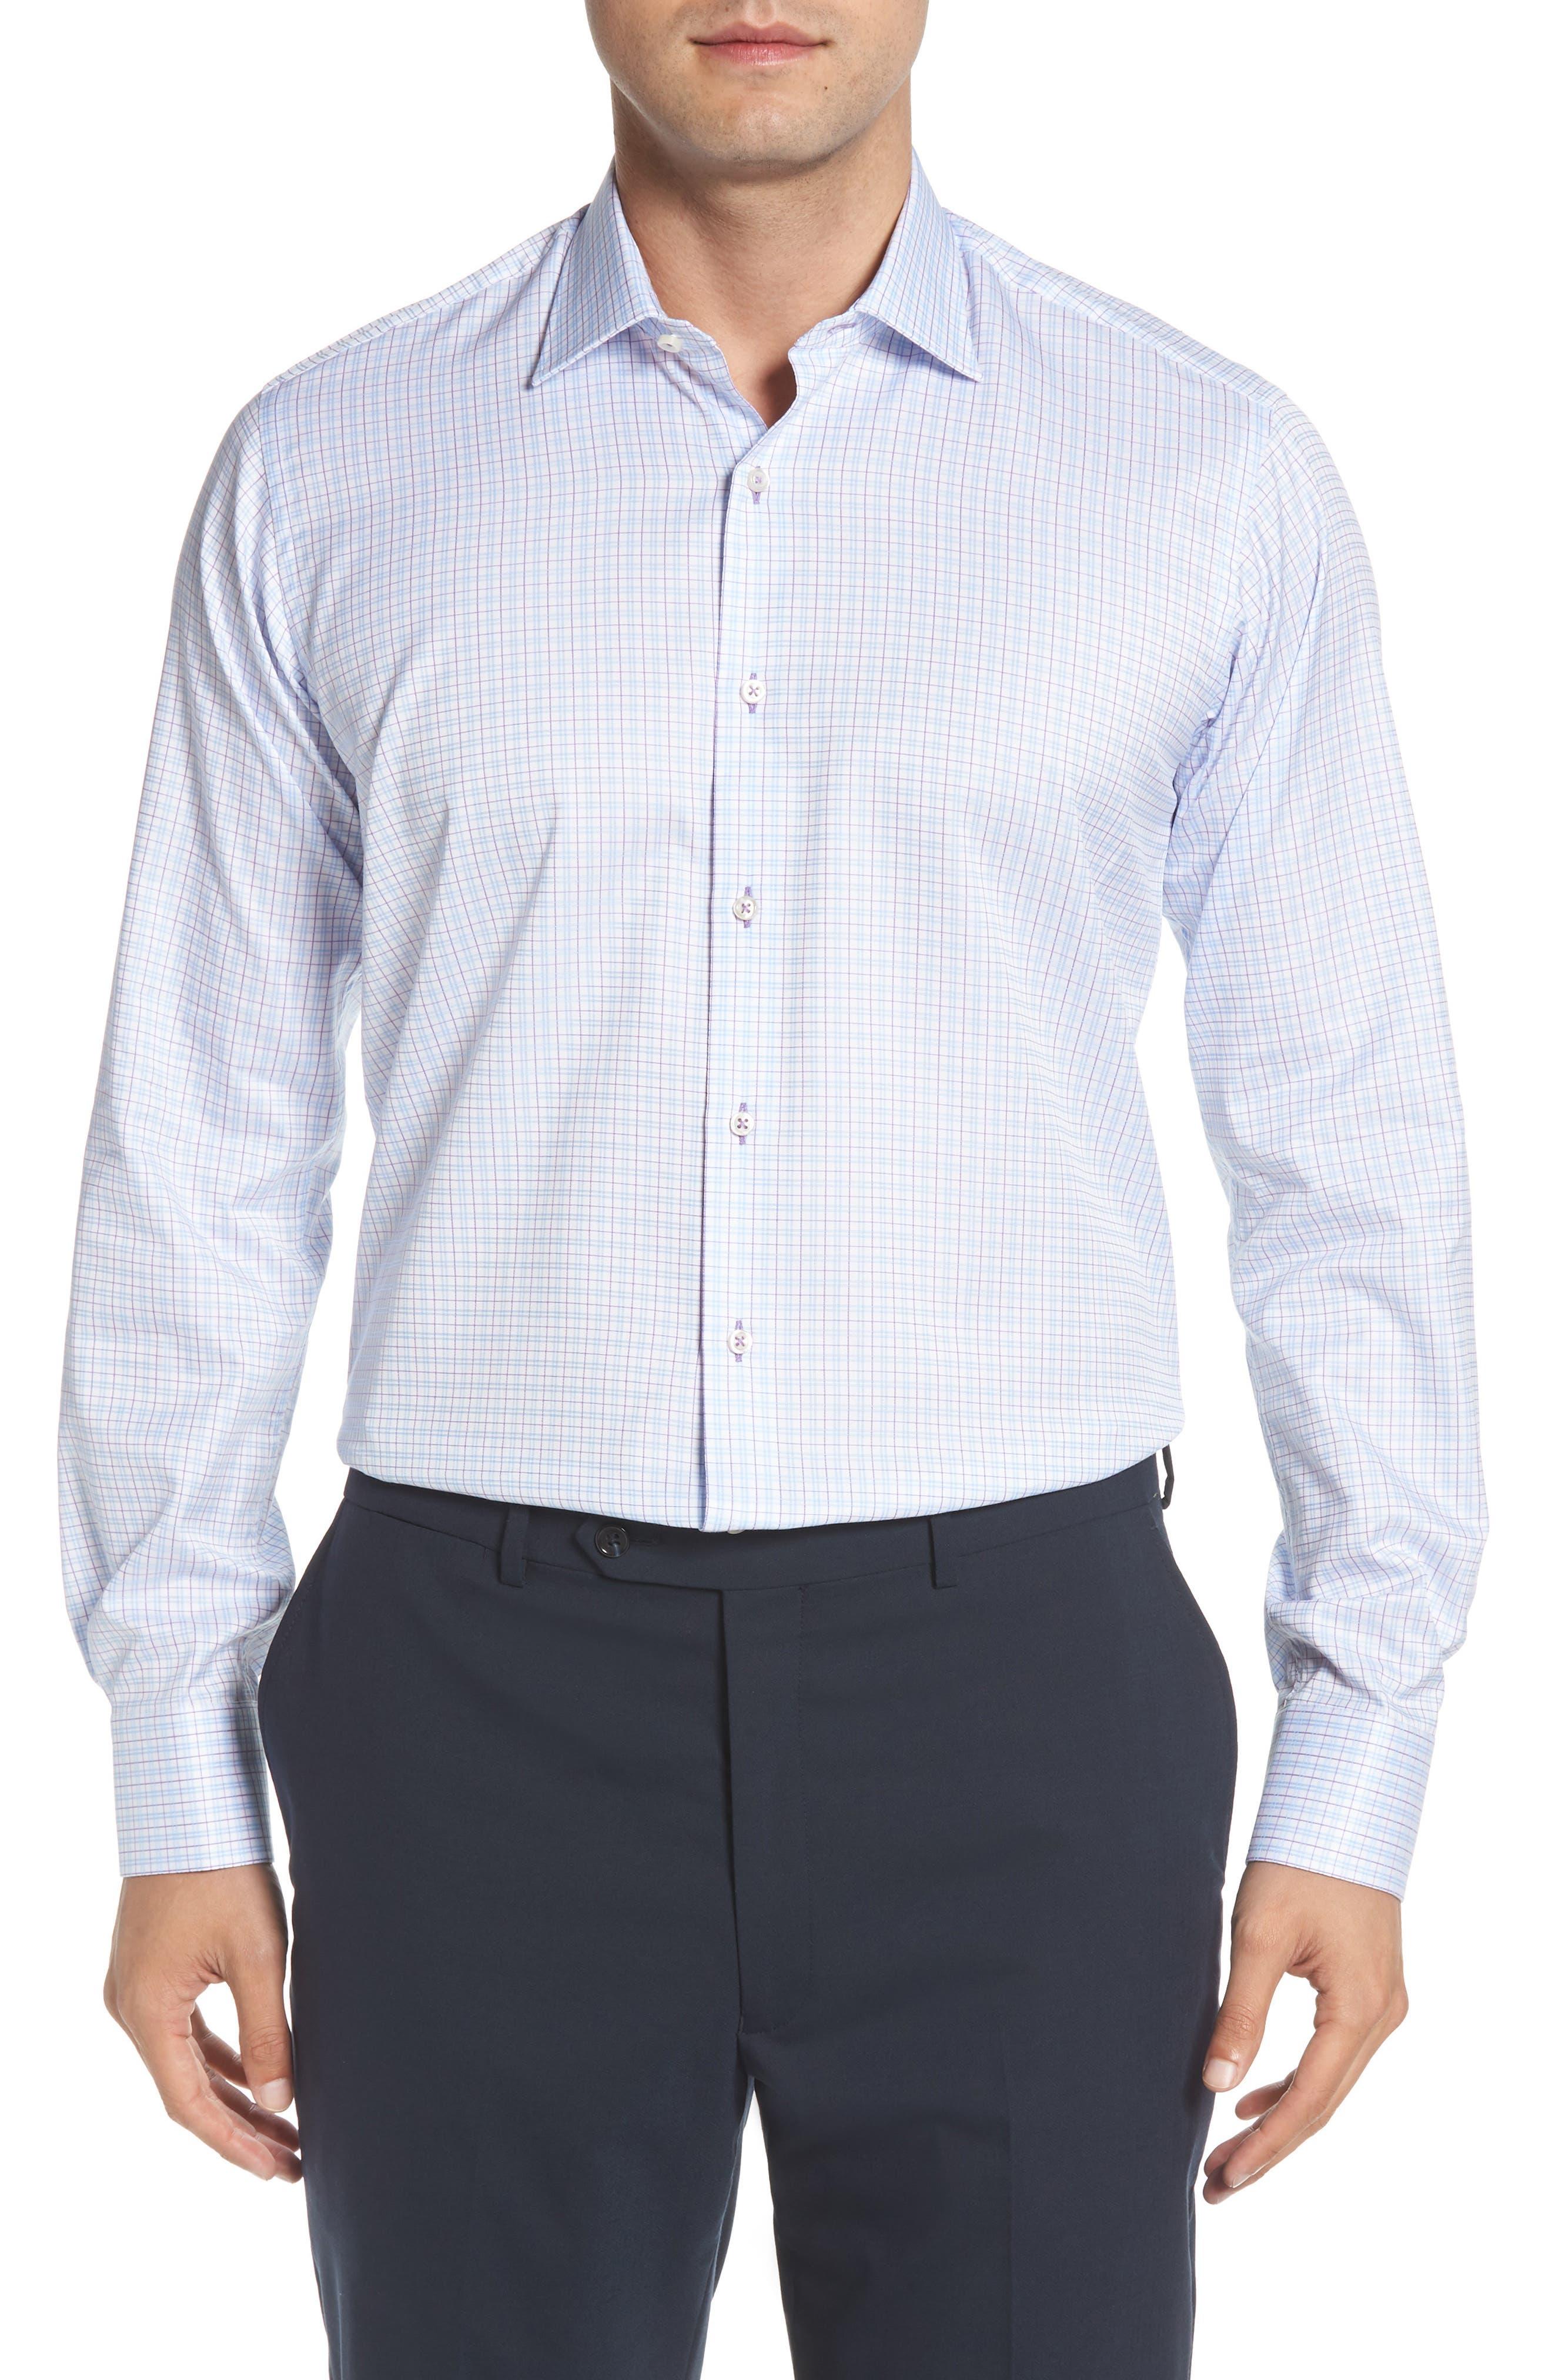 Regular Fit Check Dress Shirt,                             Main thumbnail 1, color,                             WHITE MULTI